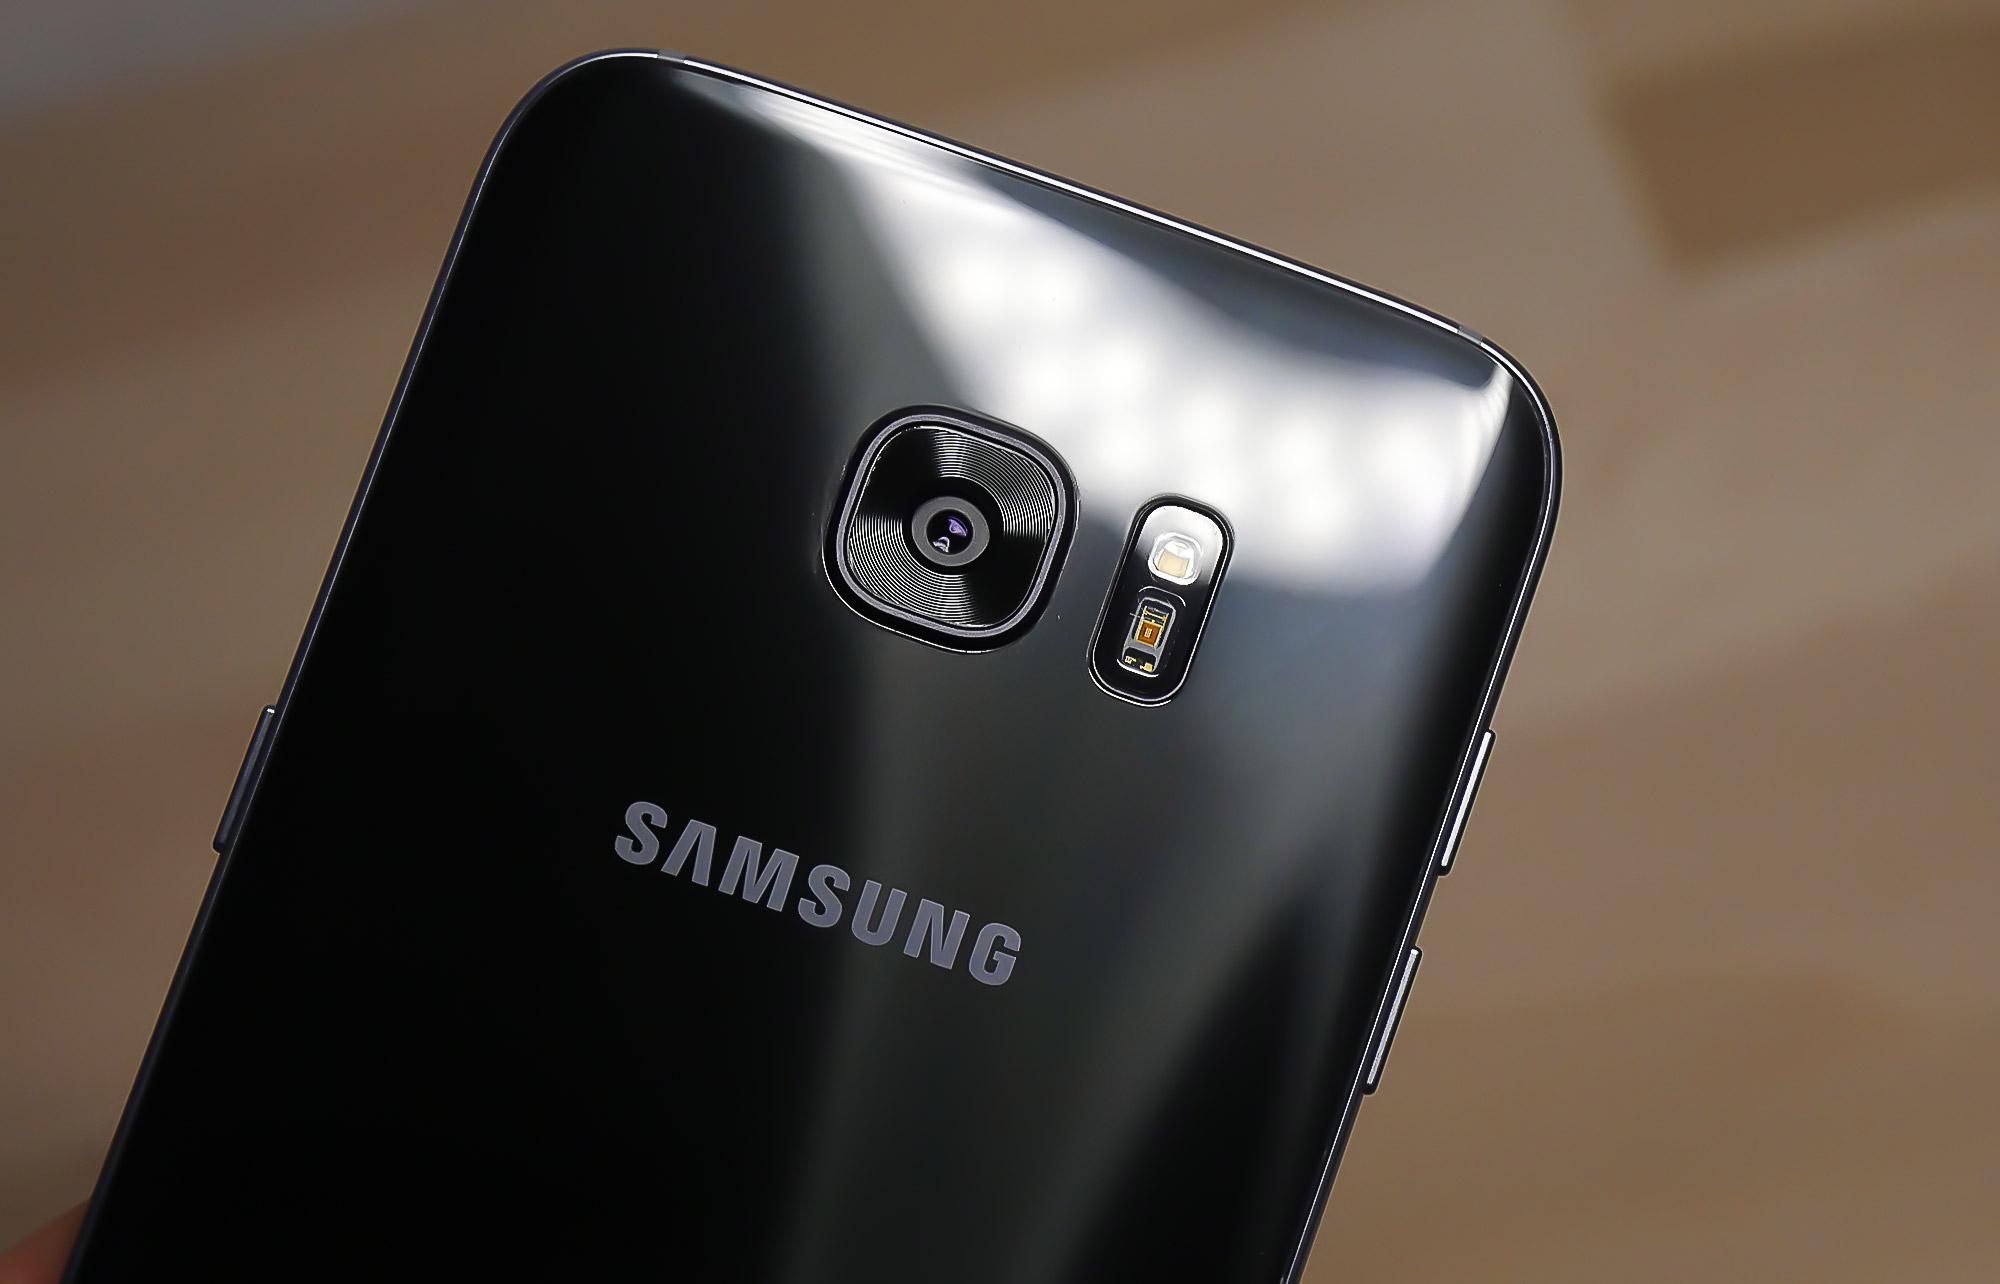 samsung galaxy s7 edge im ersten kameravergleich mit dem iphone 6s plus all about samsung. Black Bedroom Furniture Sets. Home Design Ideas